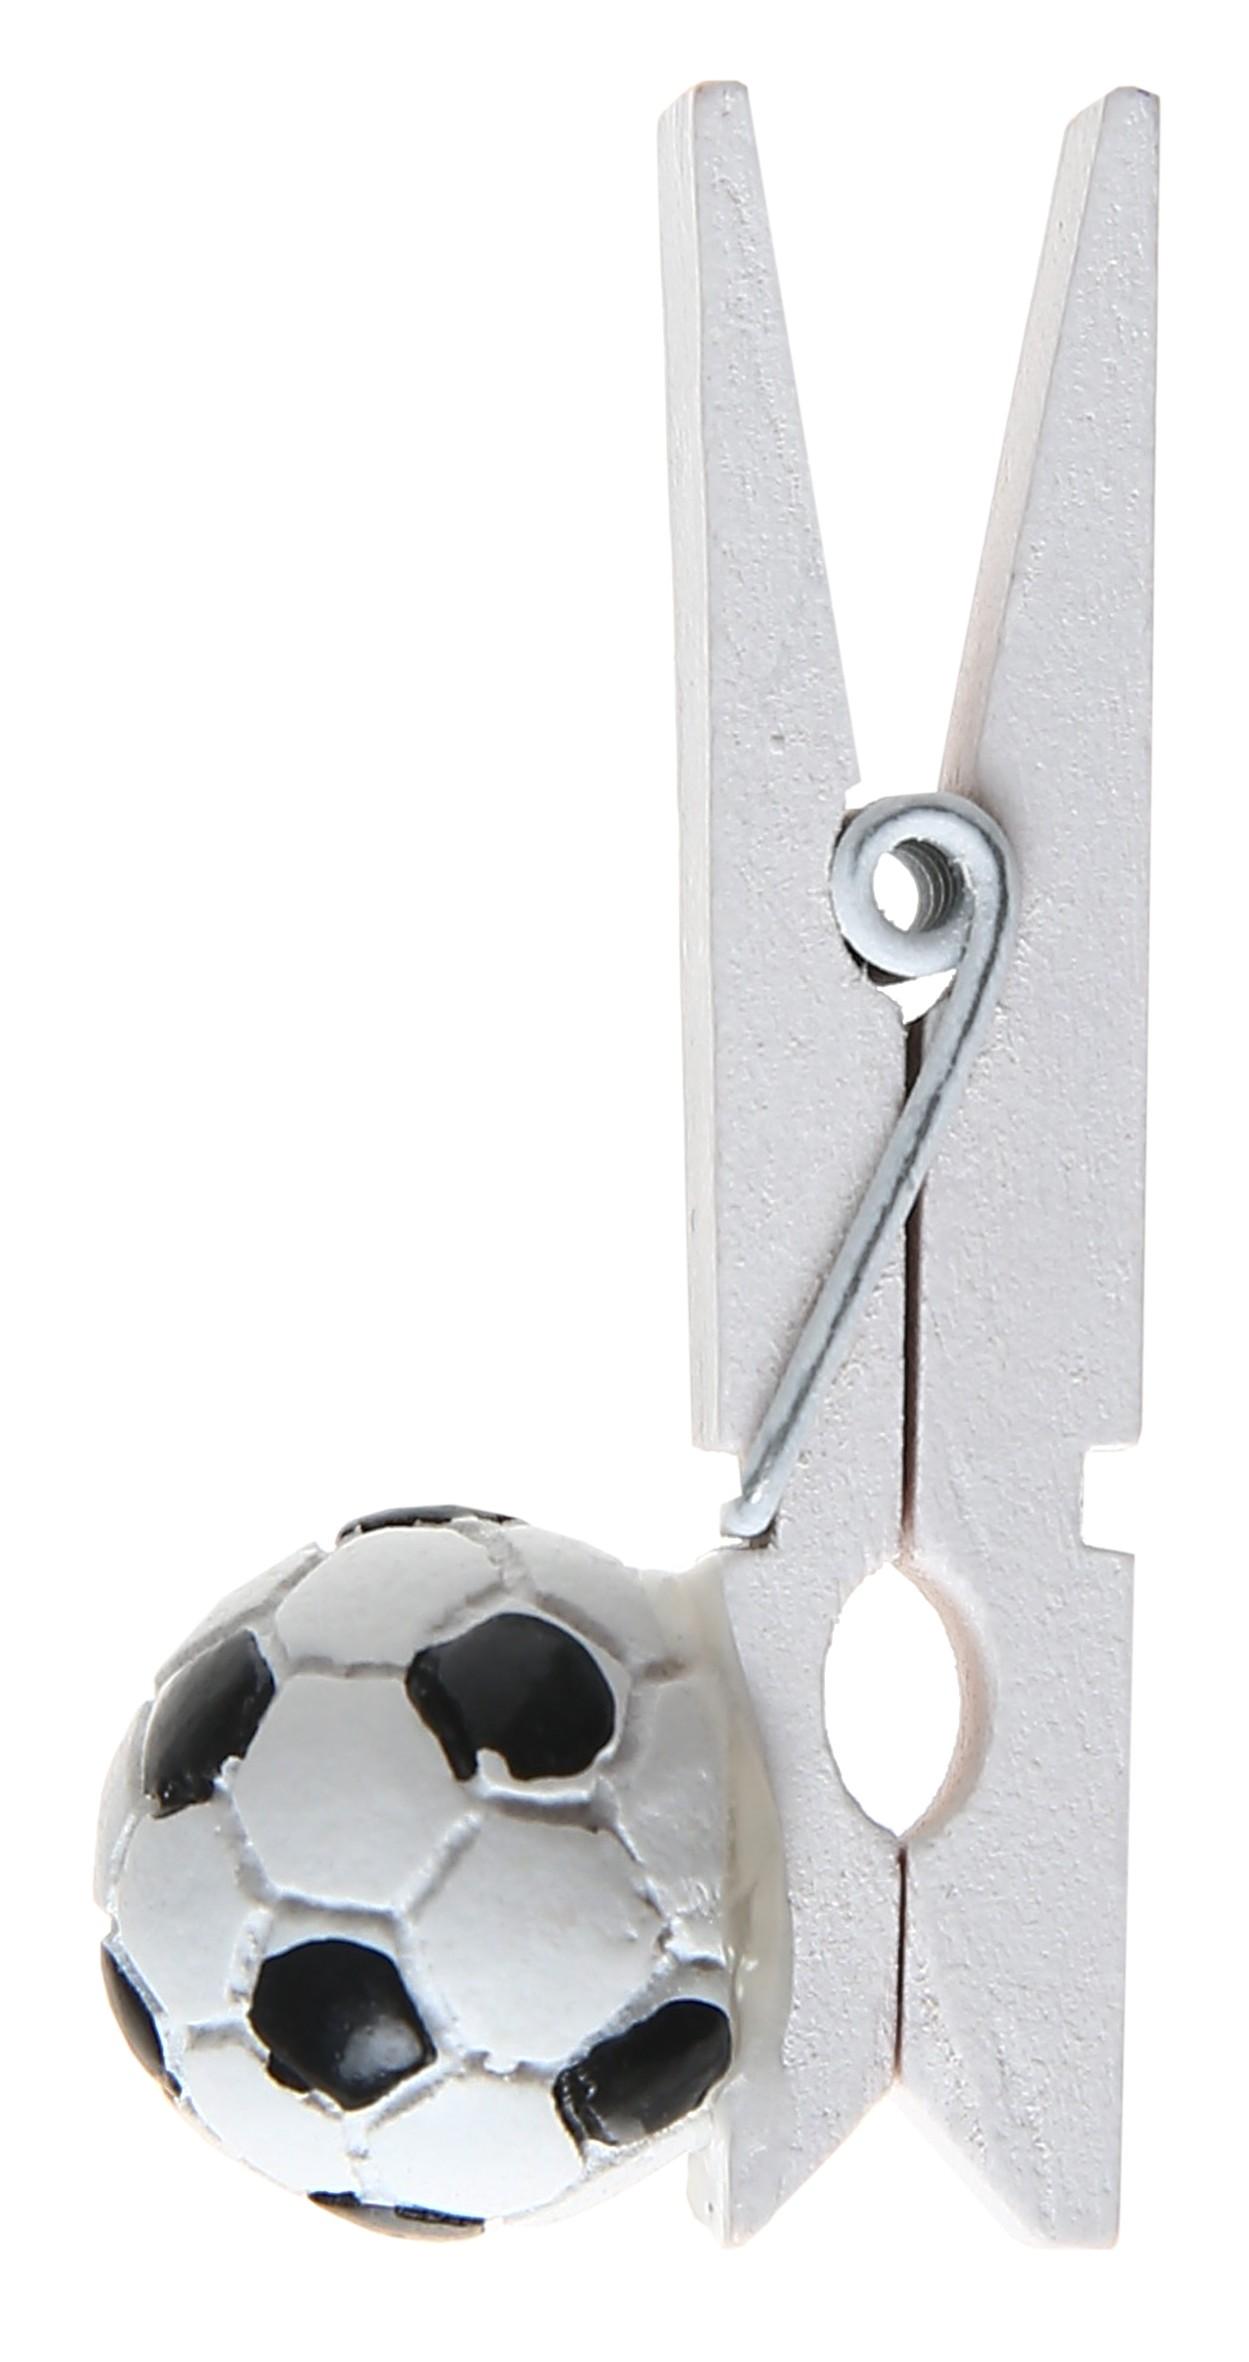 Klemme med fodbold - 6 Stk